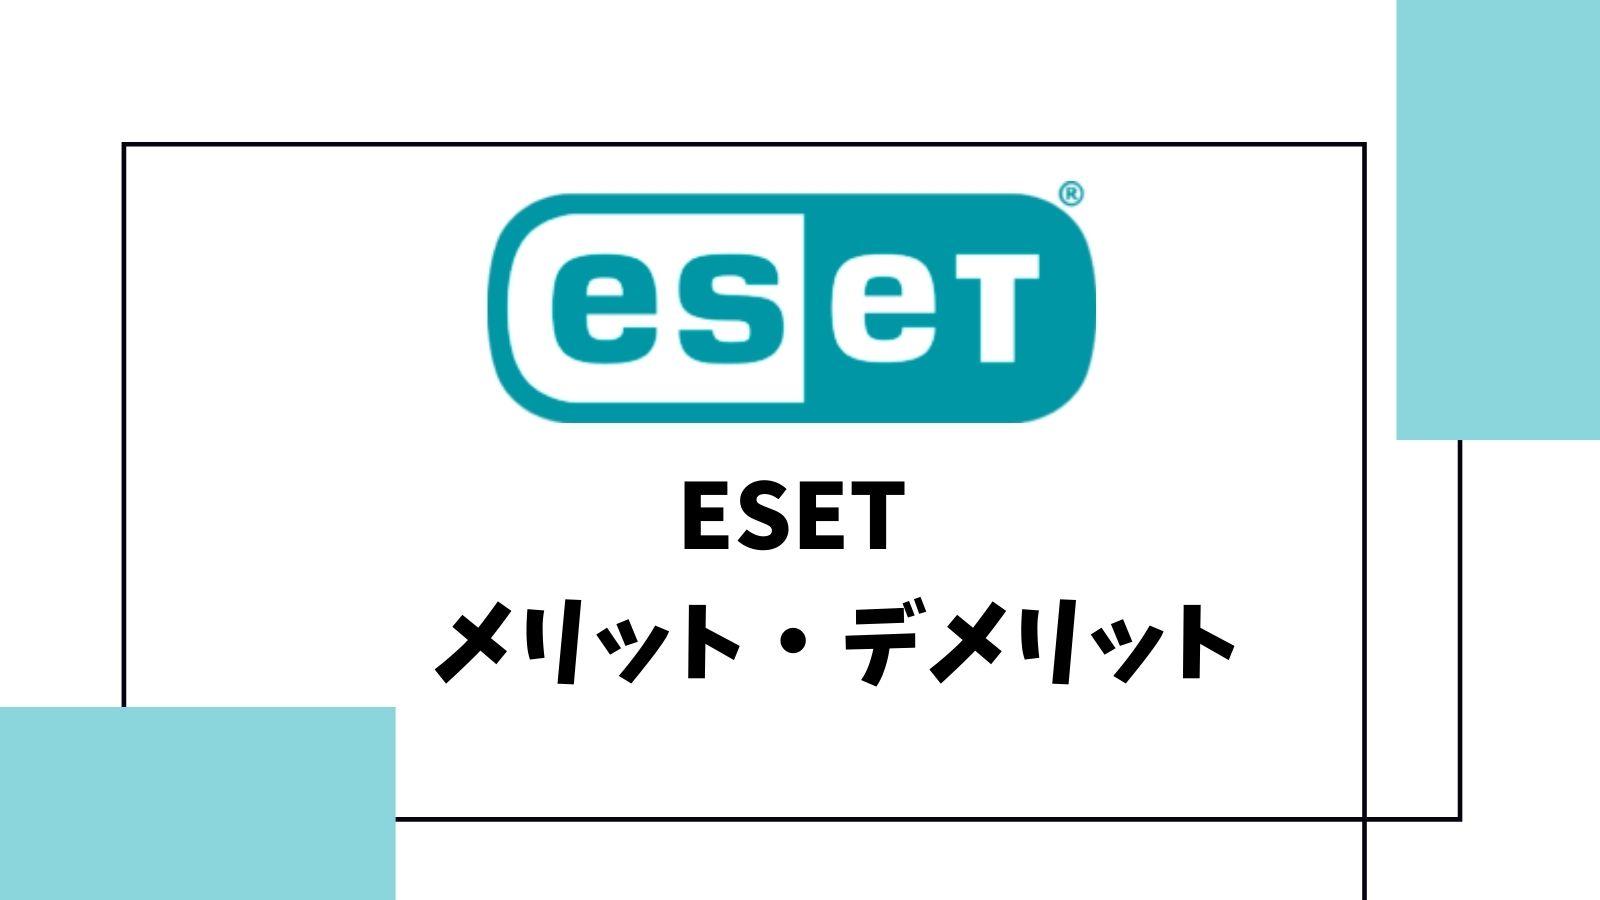 【2020最新版】『ESET』のデメリットを暴露【知らないと後悔する】